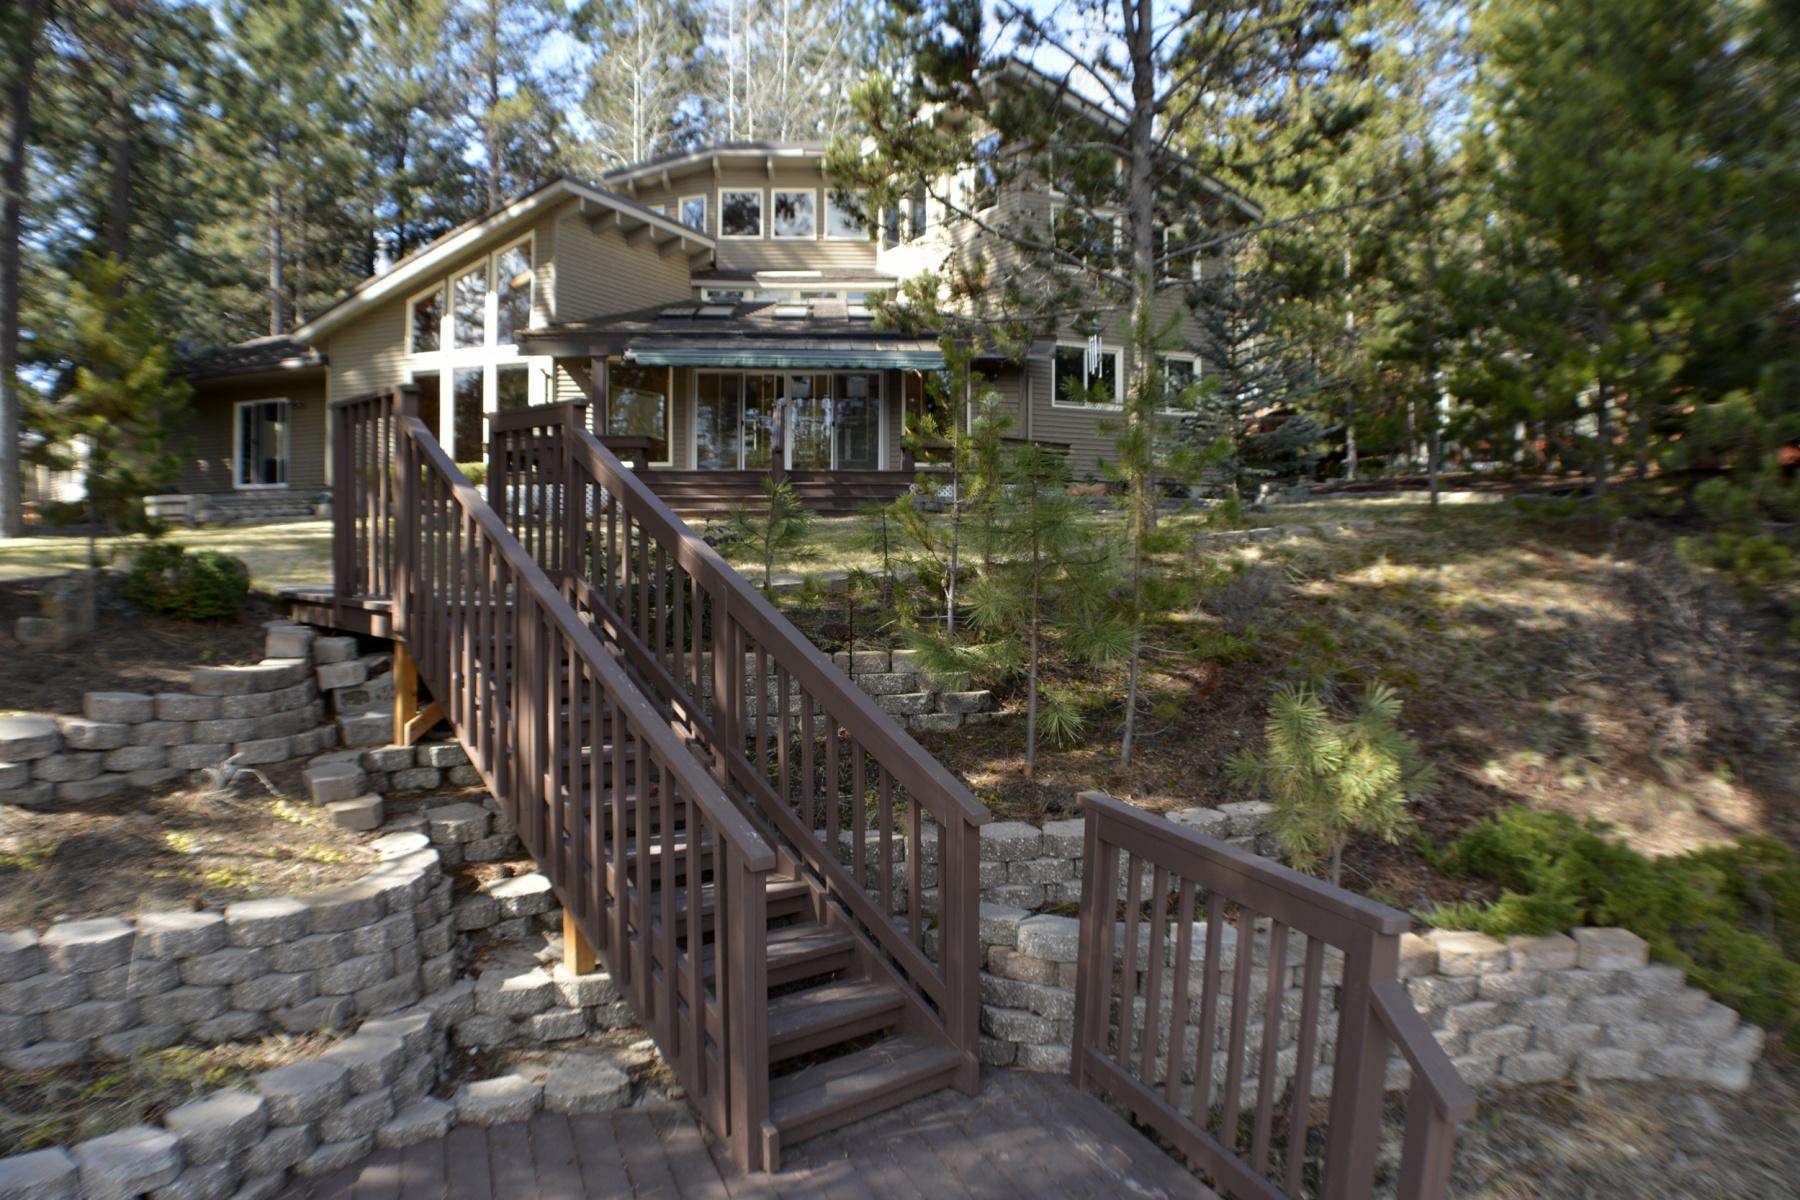 独户住宅 为 销售 在 Beautiful Riverfront Property 56222 Solar Dr 本德, 俄勒冈州, 97707 美国